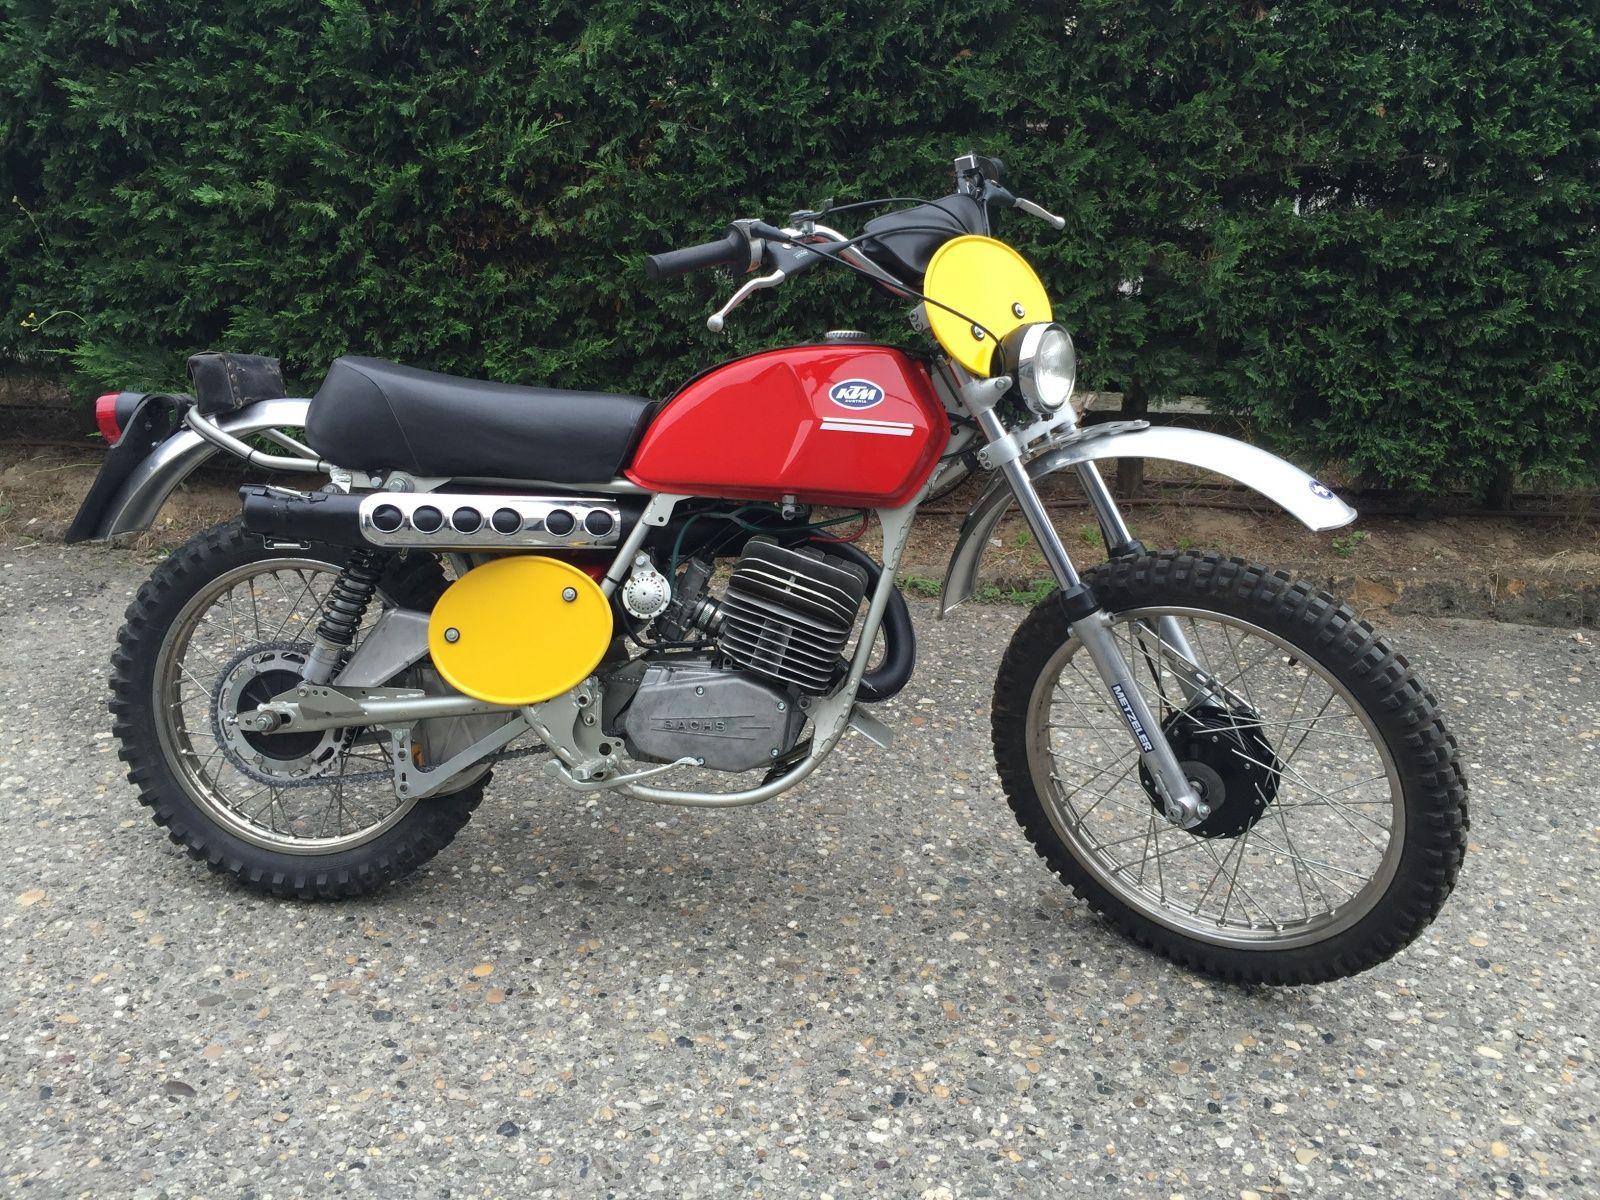 1973 Ktm Gs 125 Ktm Ktm Motorcycles Motorcycle Dirt Bike